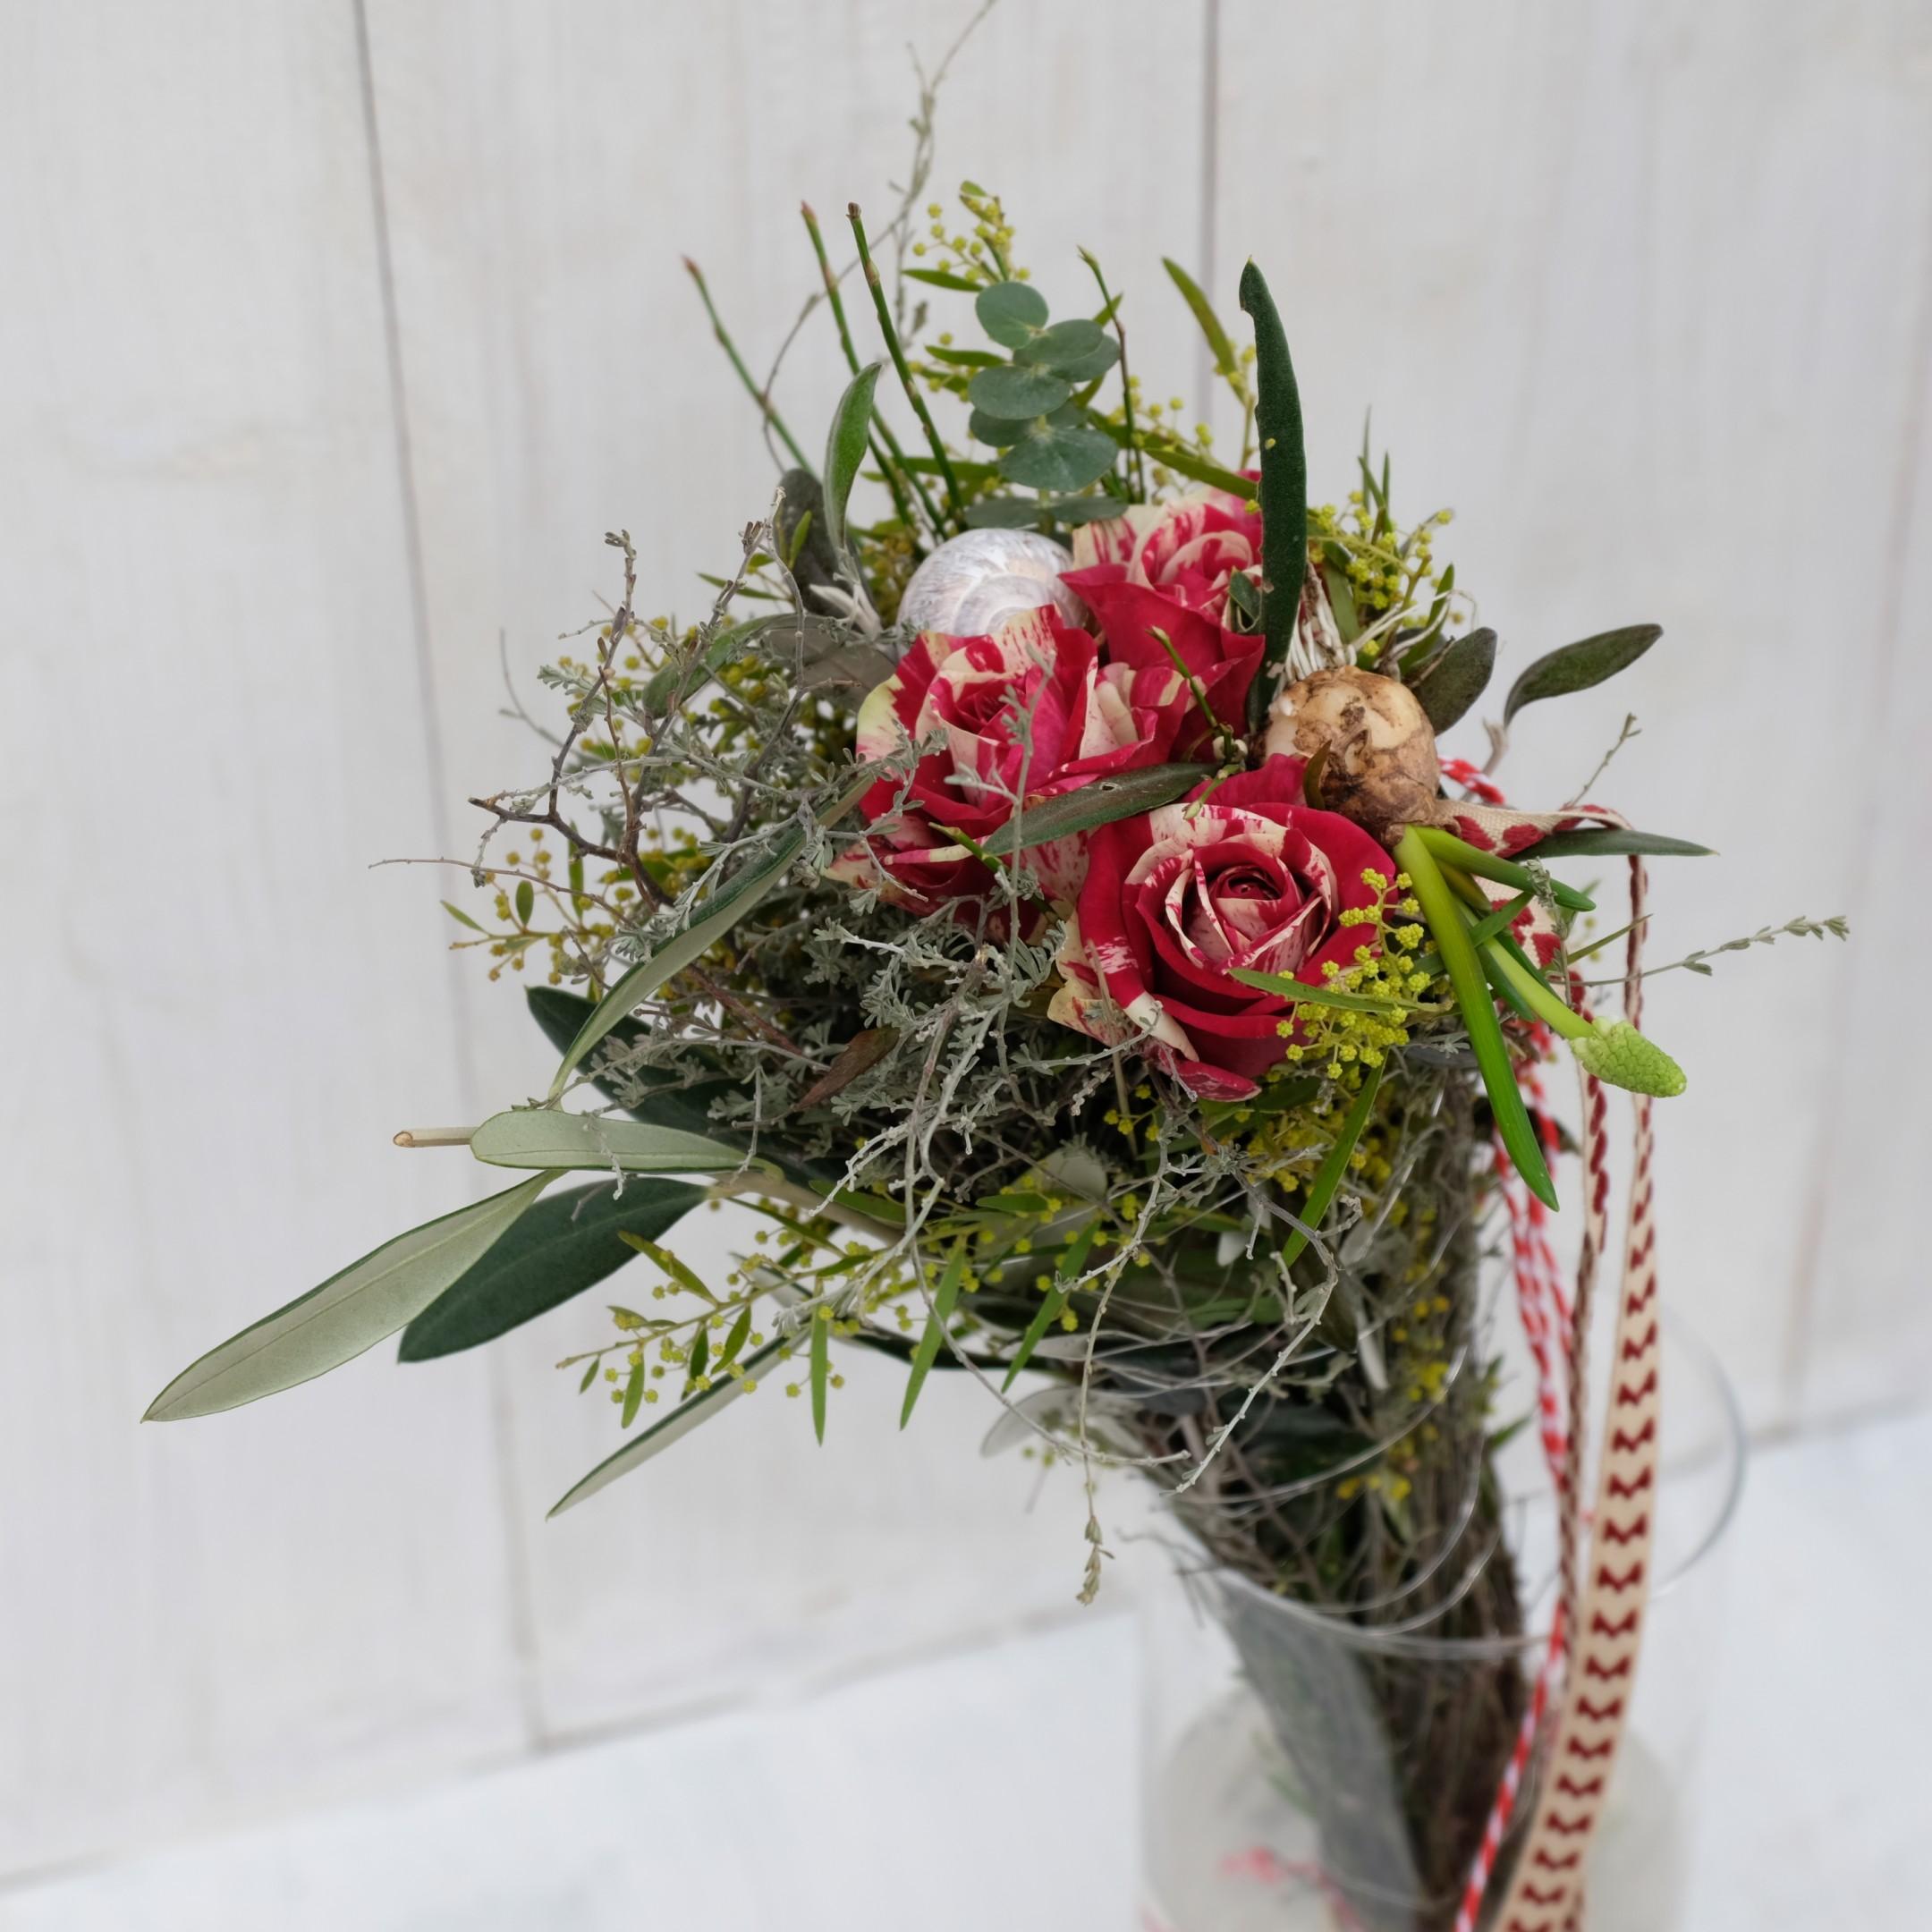 Rose liebevoll verpackt Bild 3